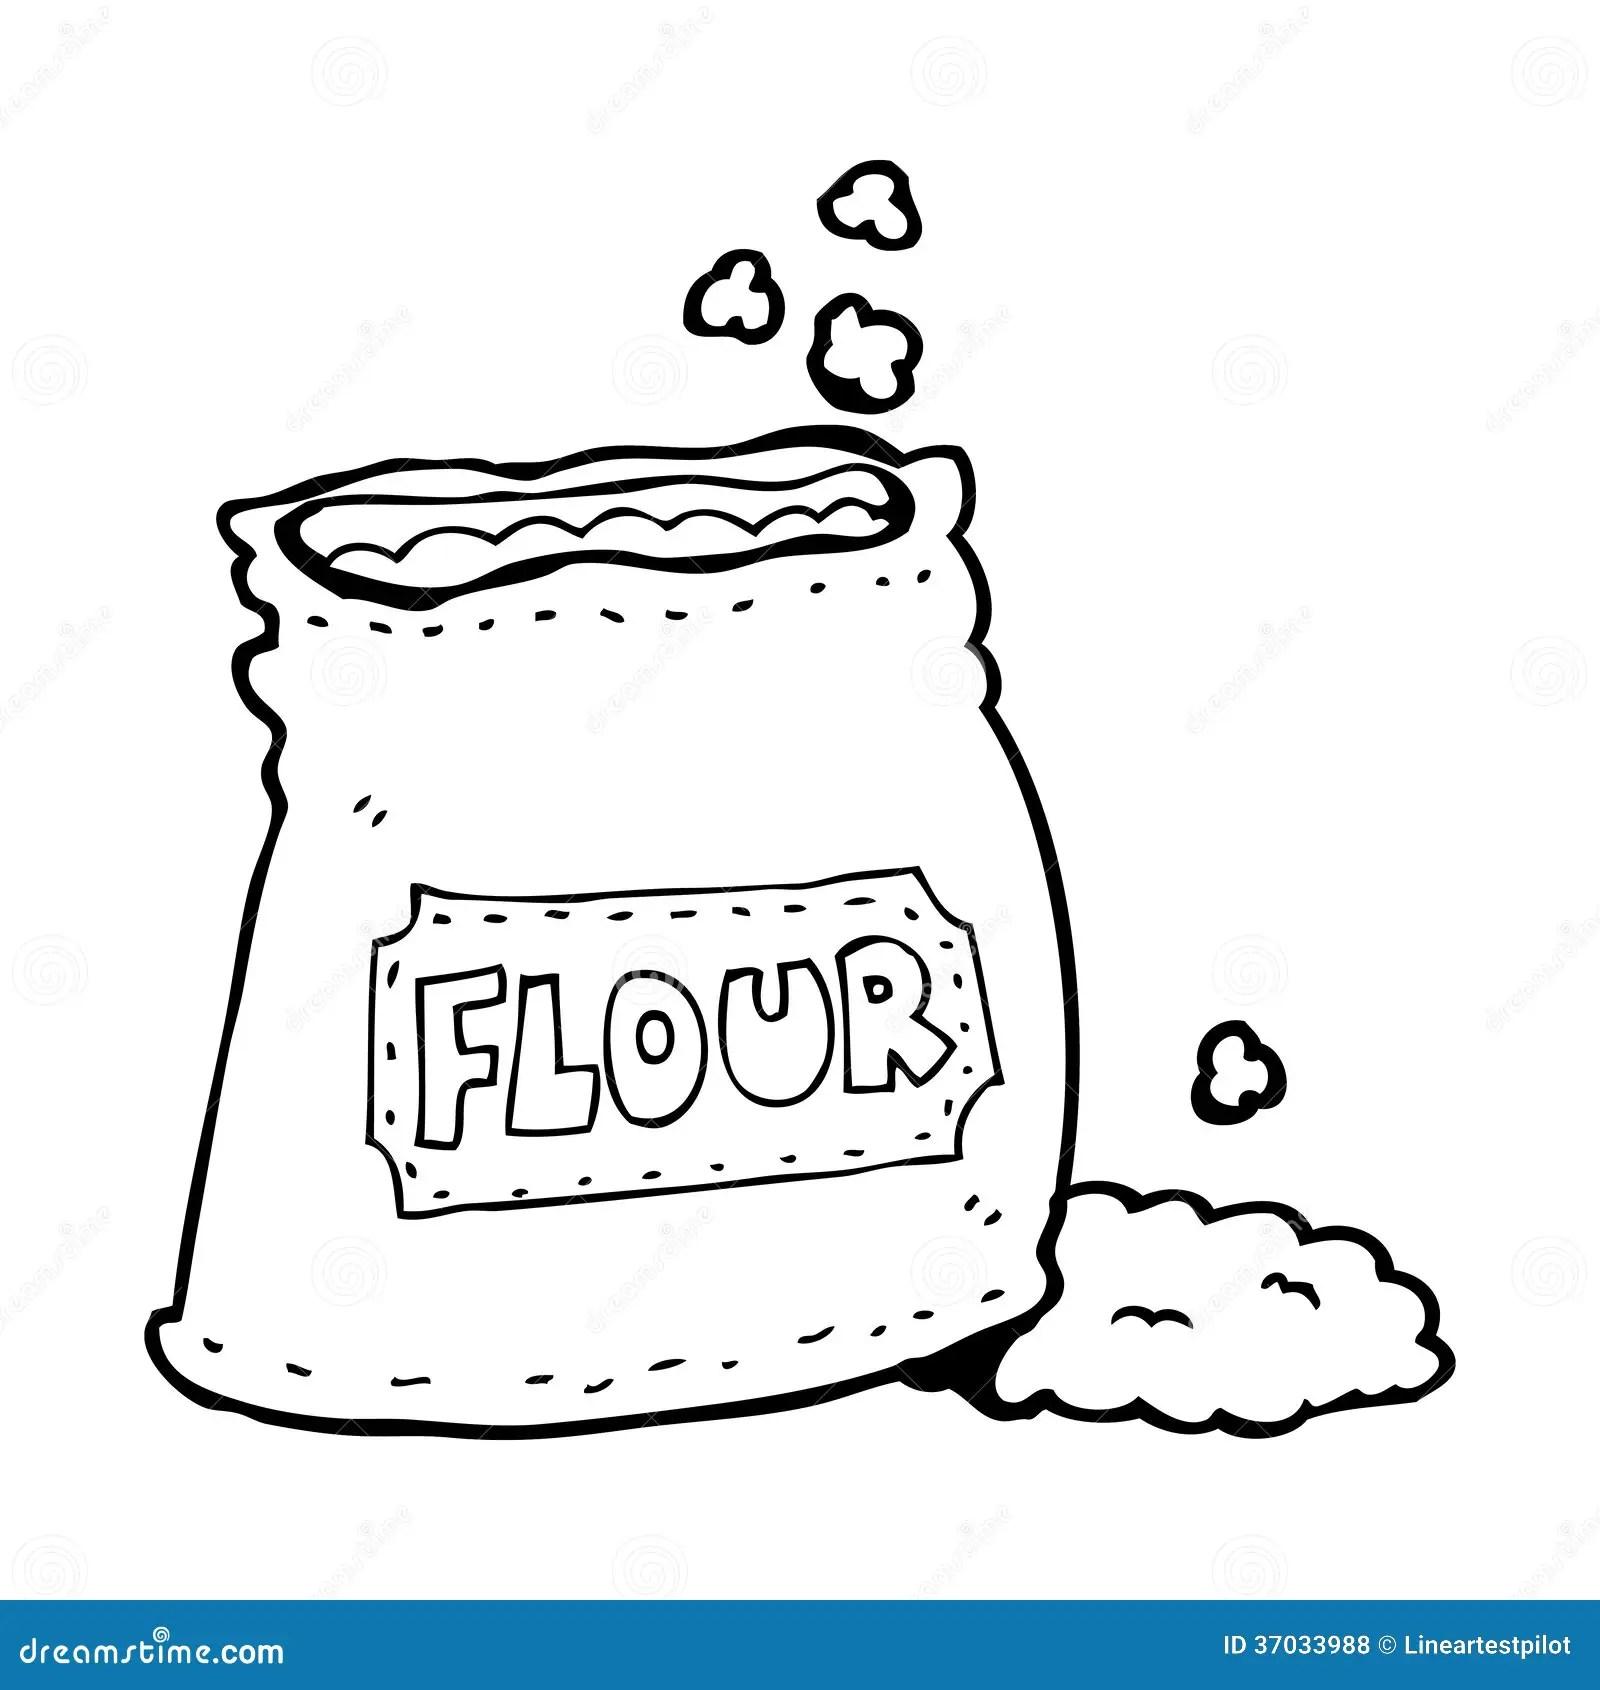 Cartoon Bag Of Flour Royalty Free Stock Photos Image